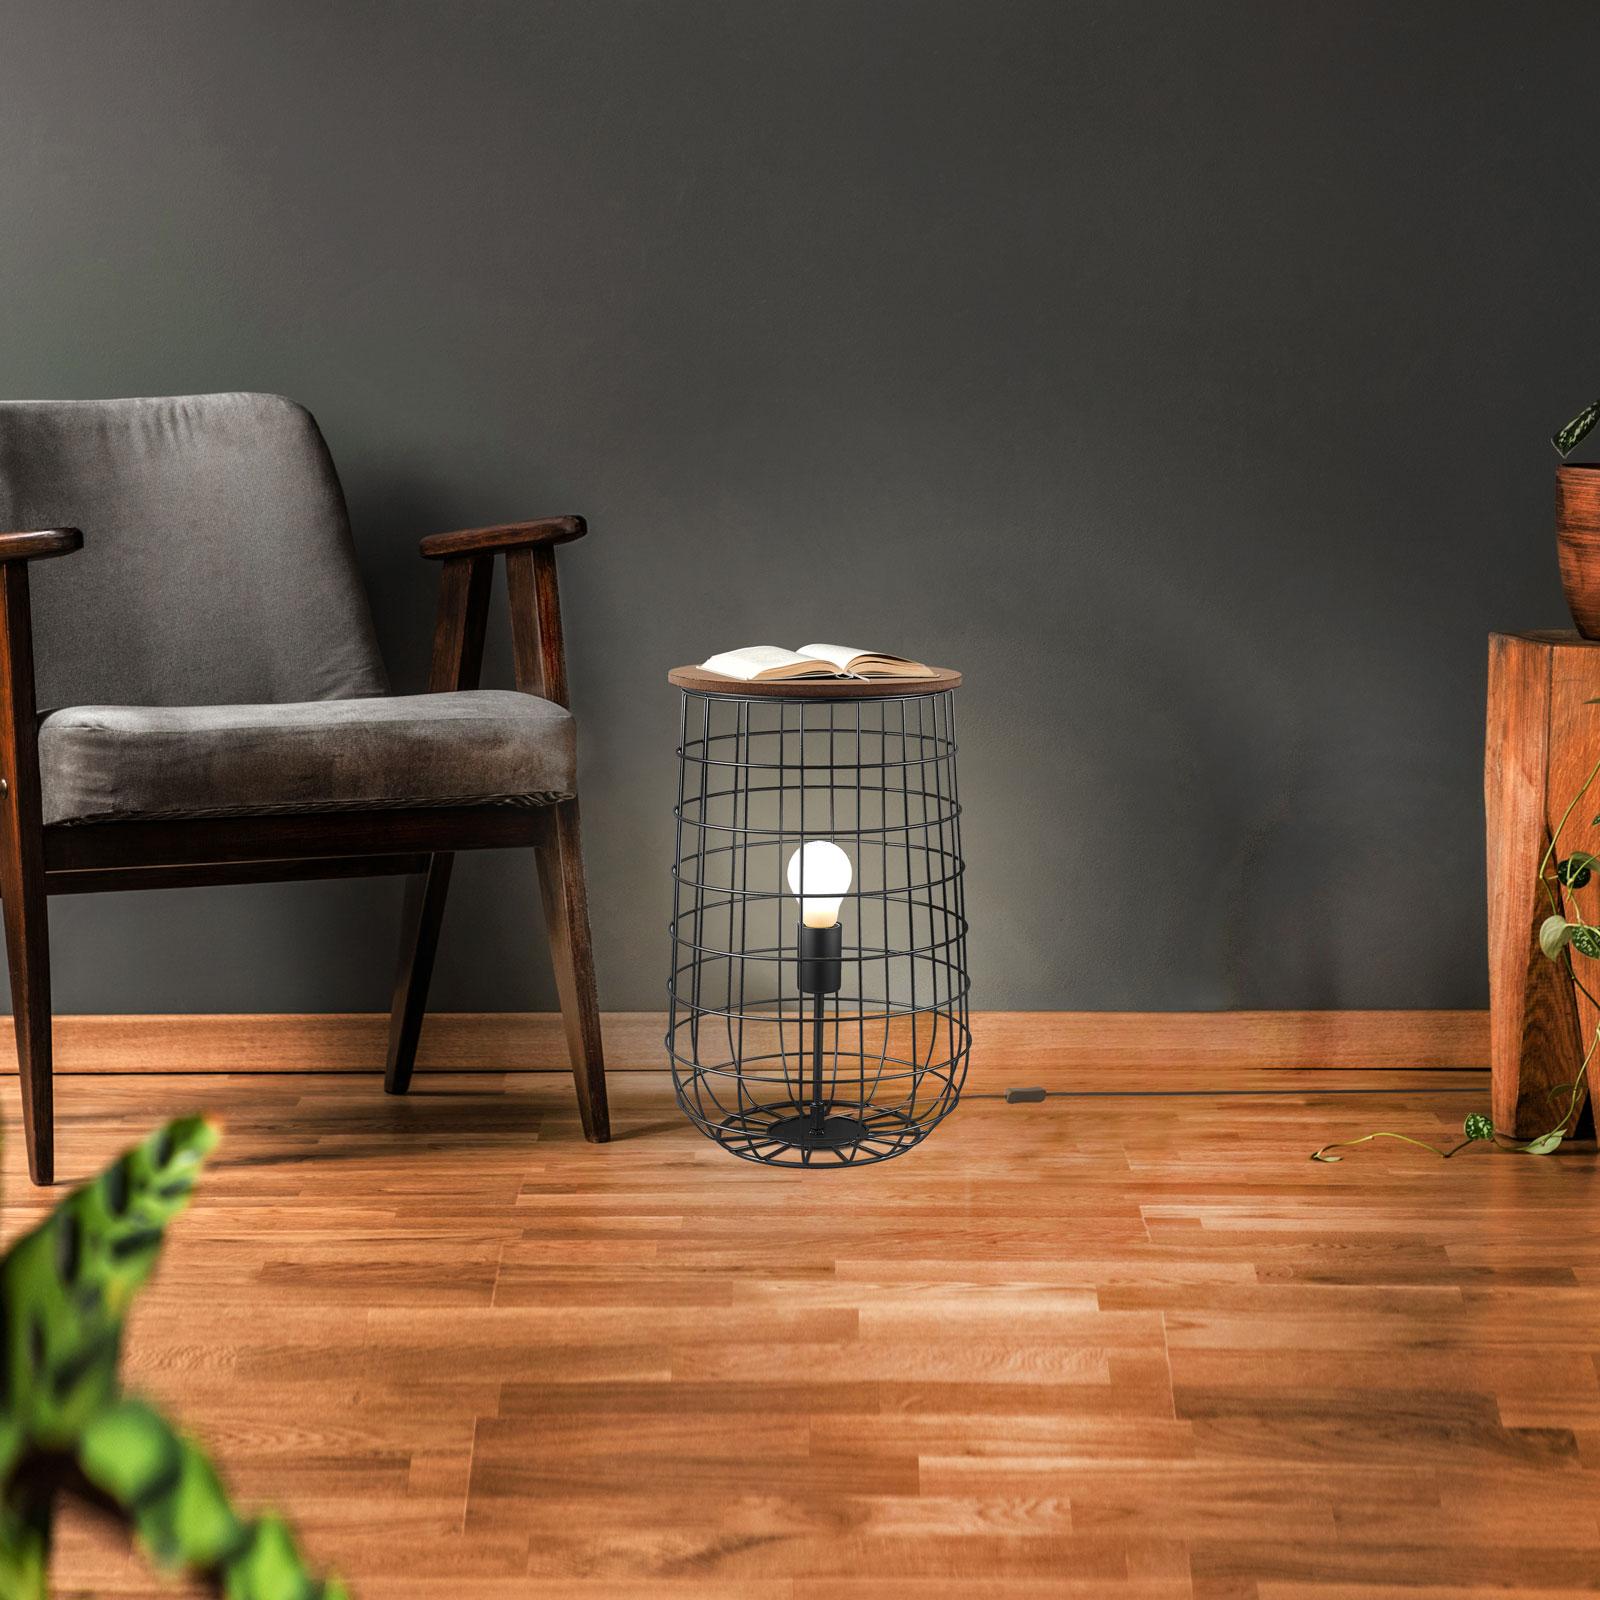 Lampadaire Sila avec fonction table, Ø 25cm